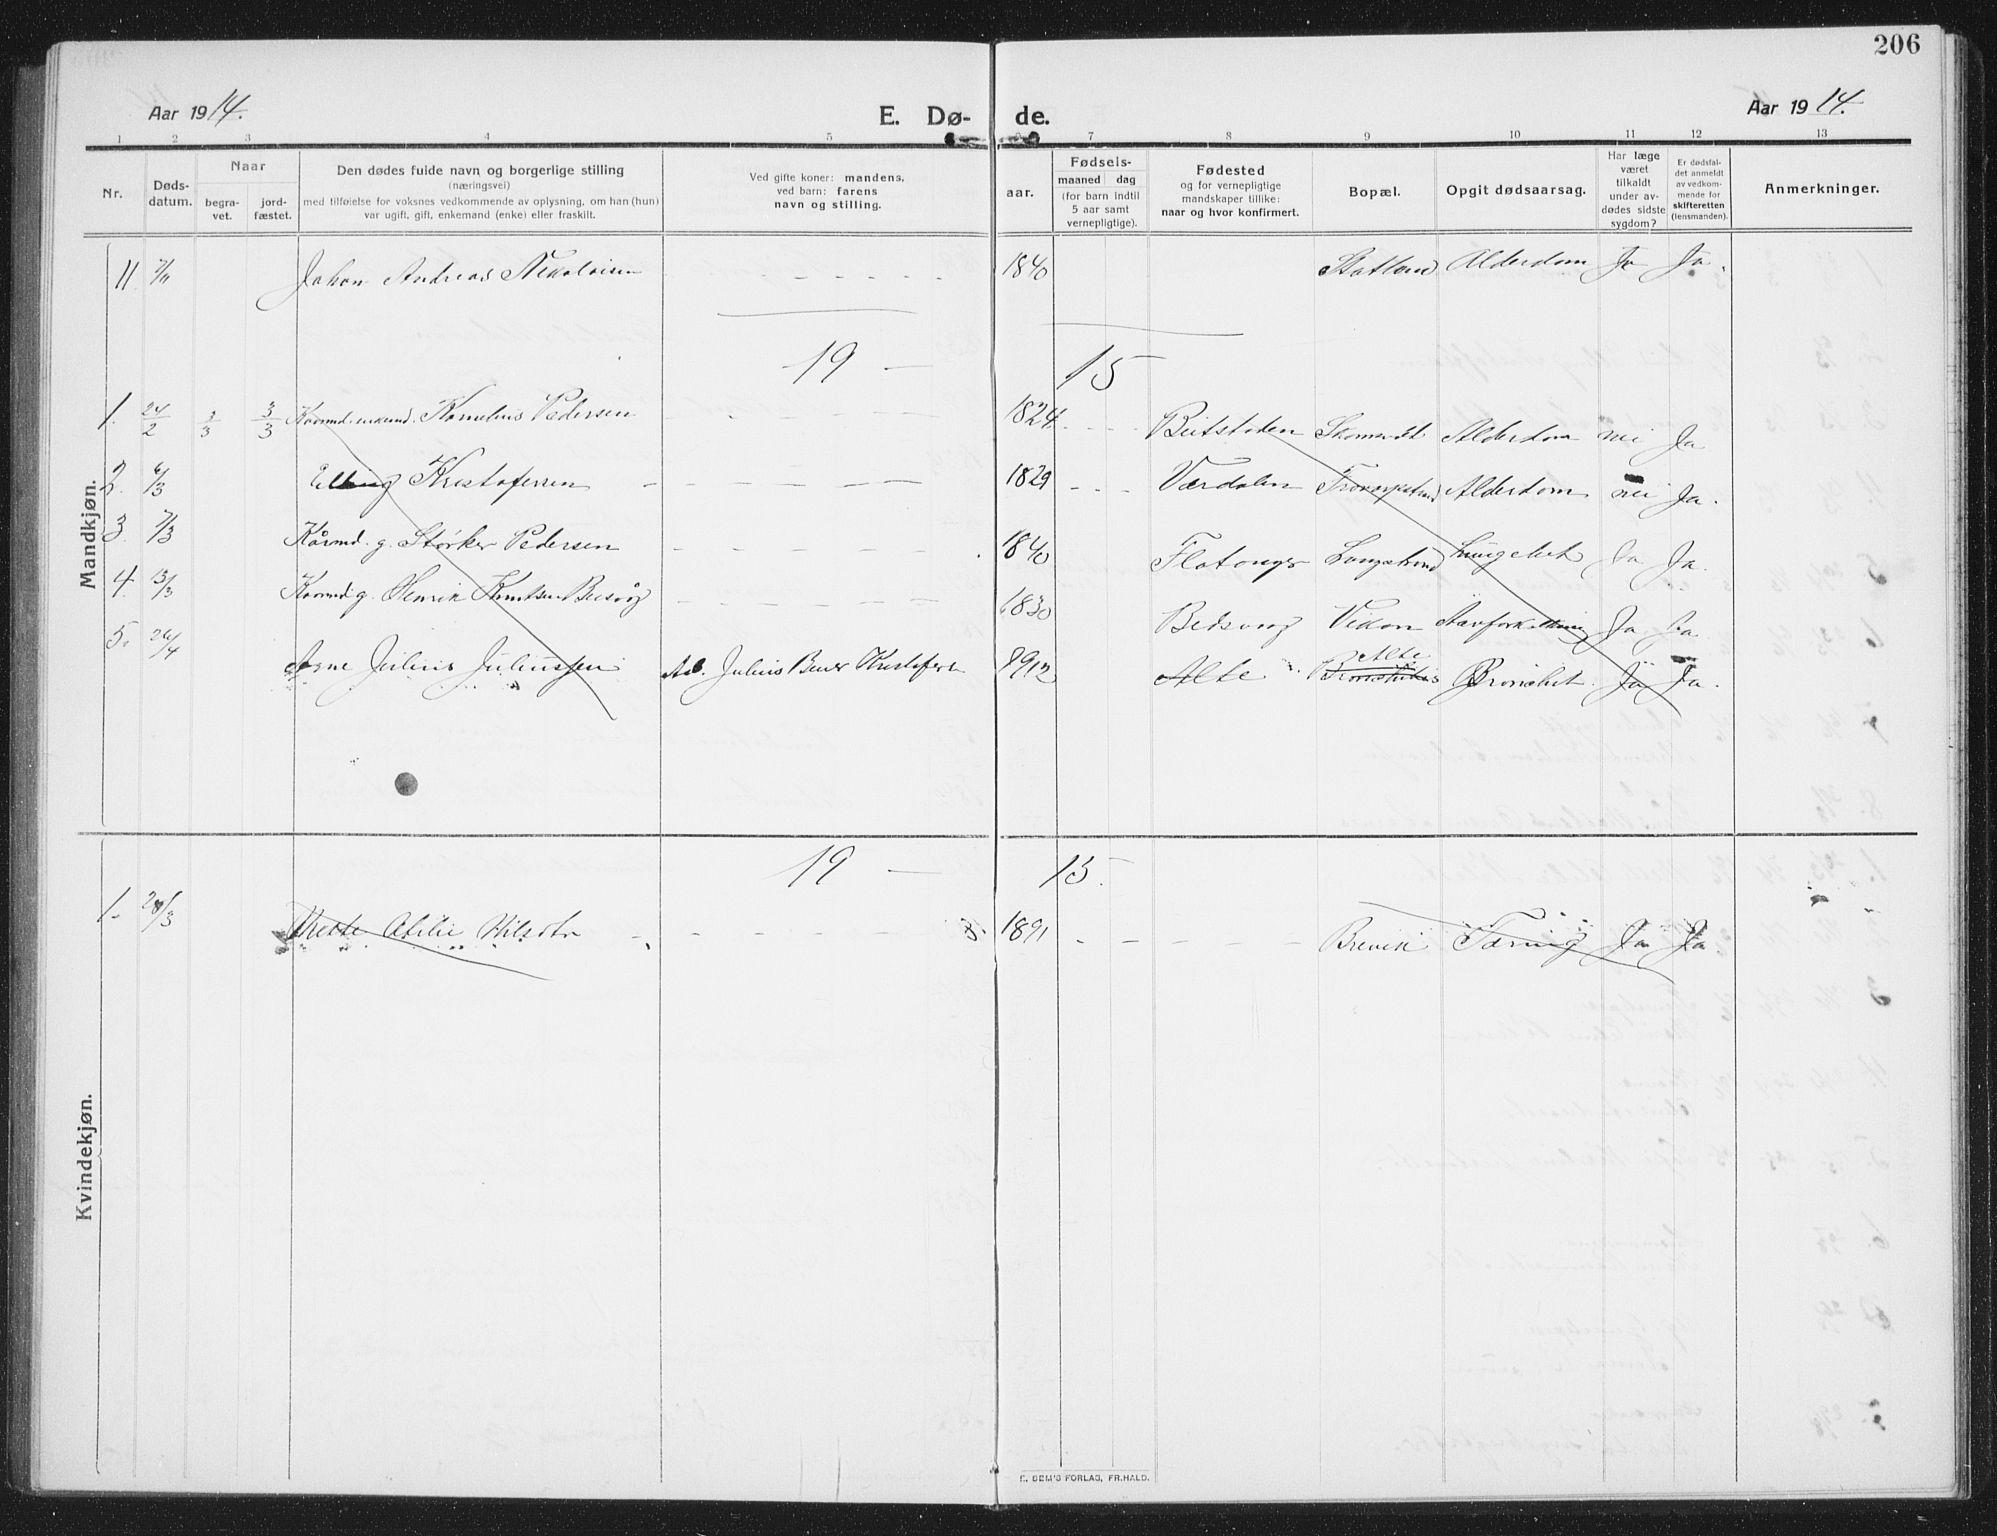 SAT, Ministerialprotokoller, klokkerbøker og fødselsregistre - Nord-Trøndelag, 774/L0630: Klokkerbok nr. 774C01, 1910-1934, s. 206